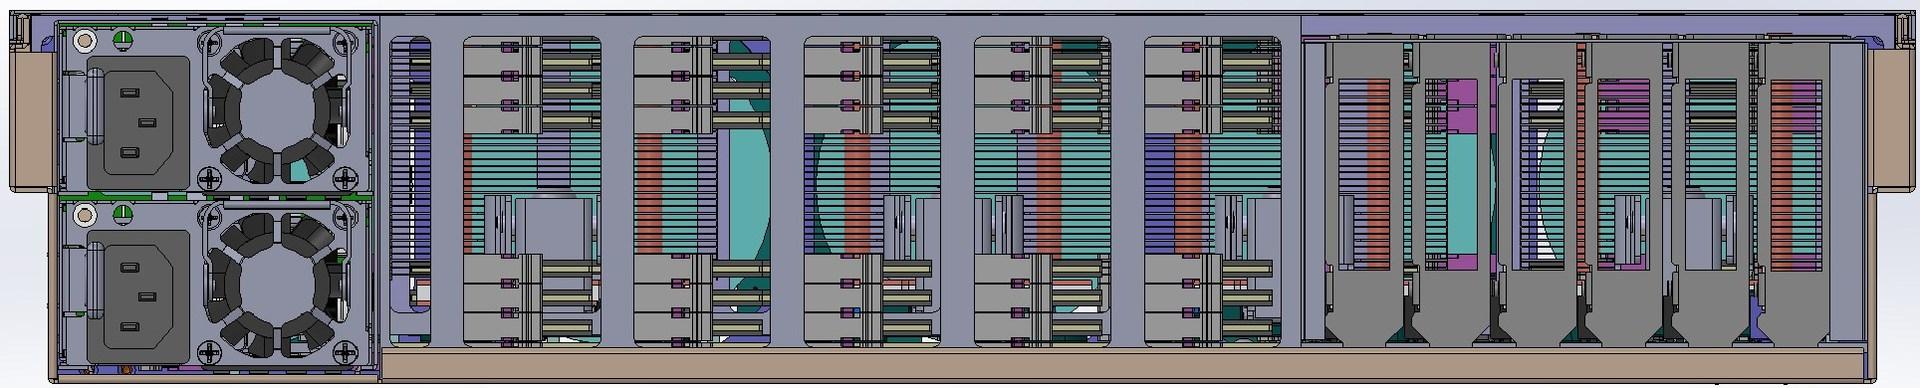 О процессе создания сервера – от идеи к деталям - 1